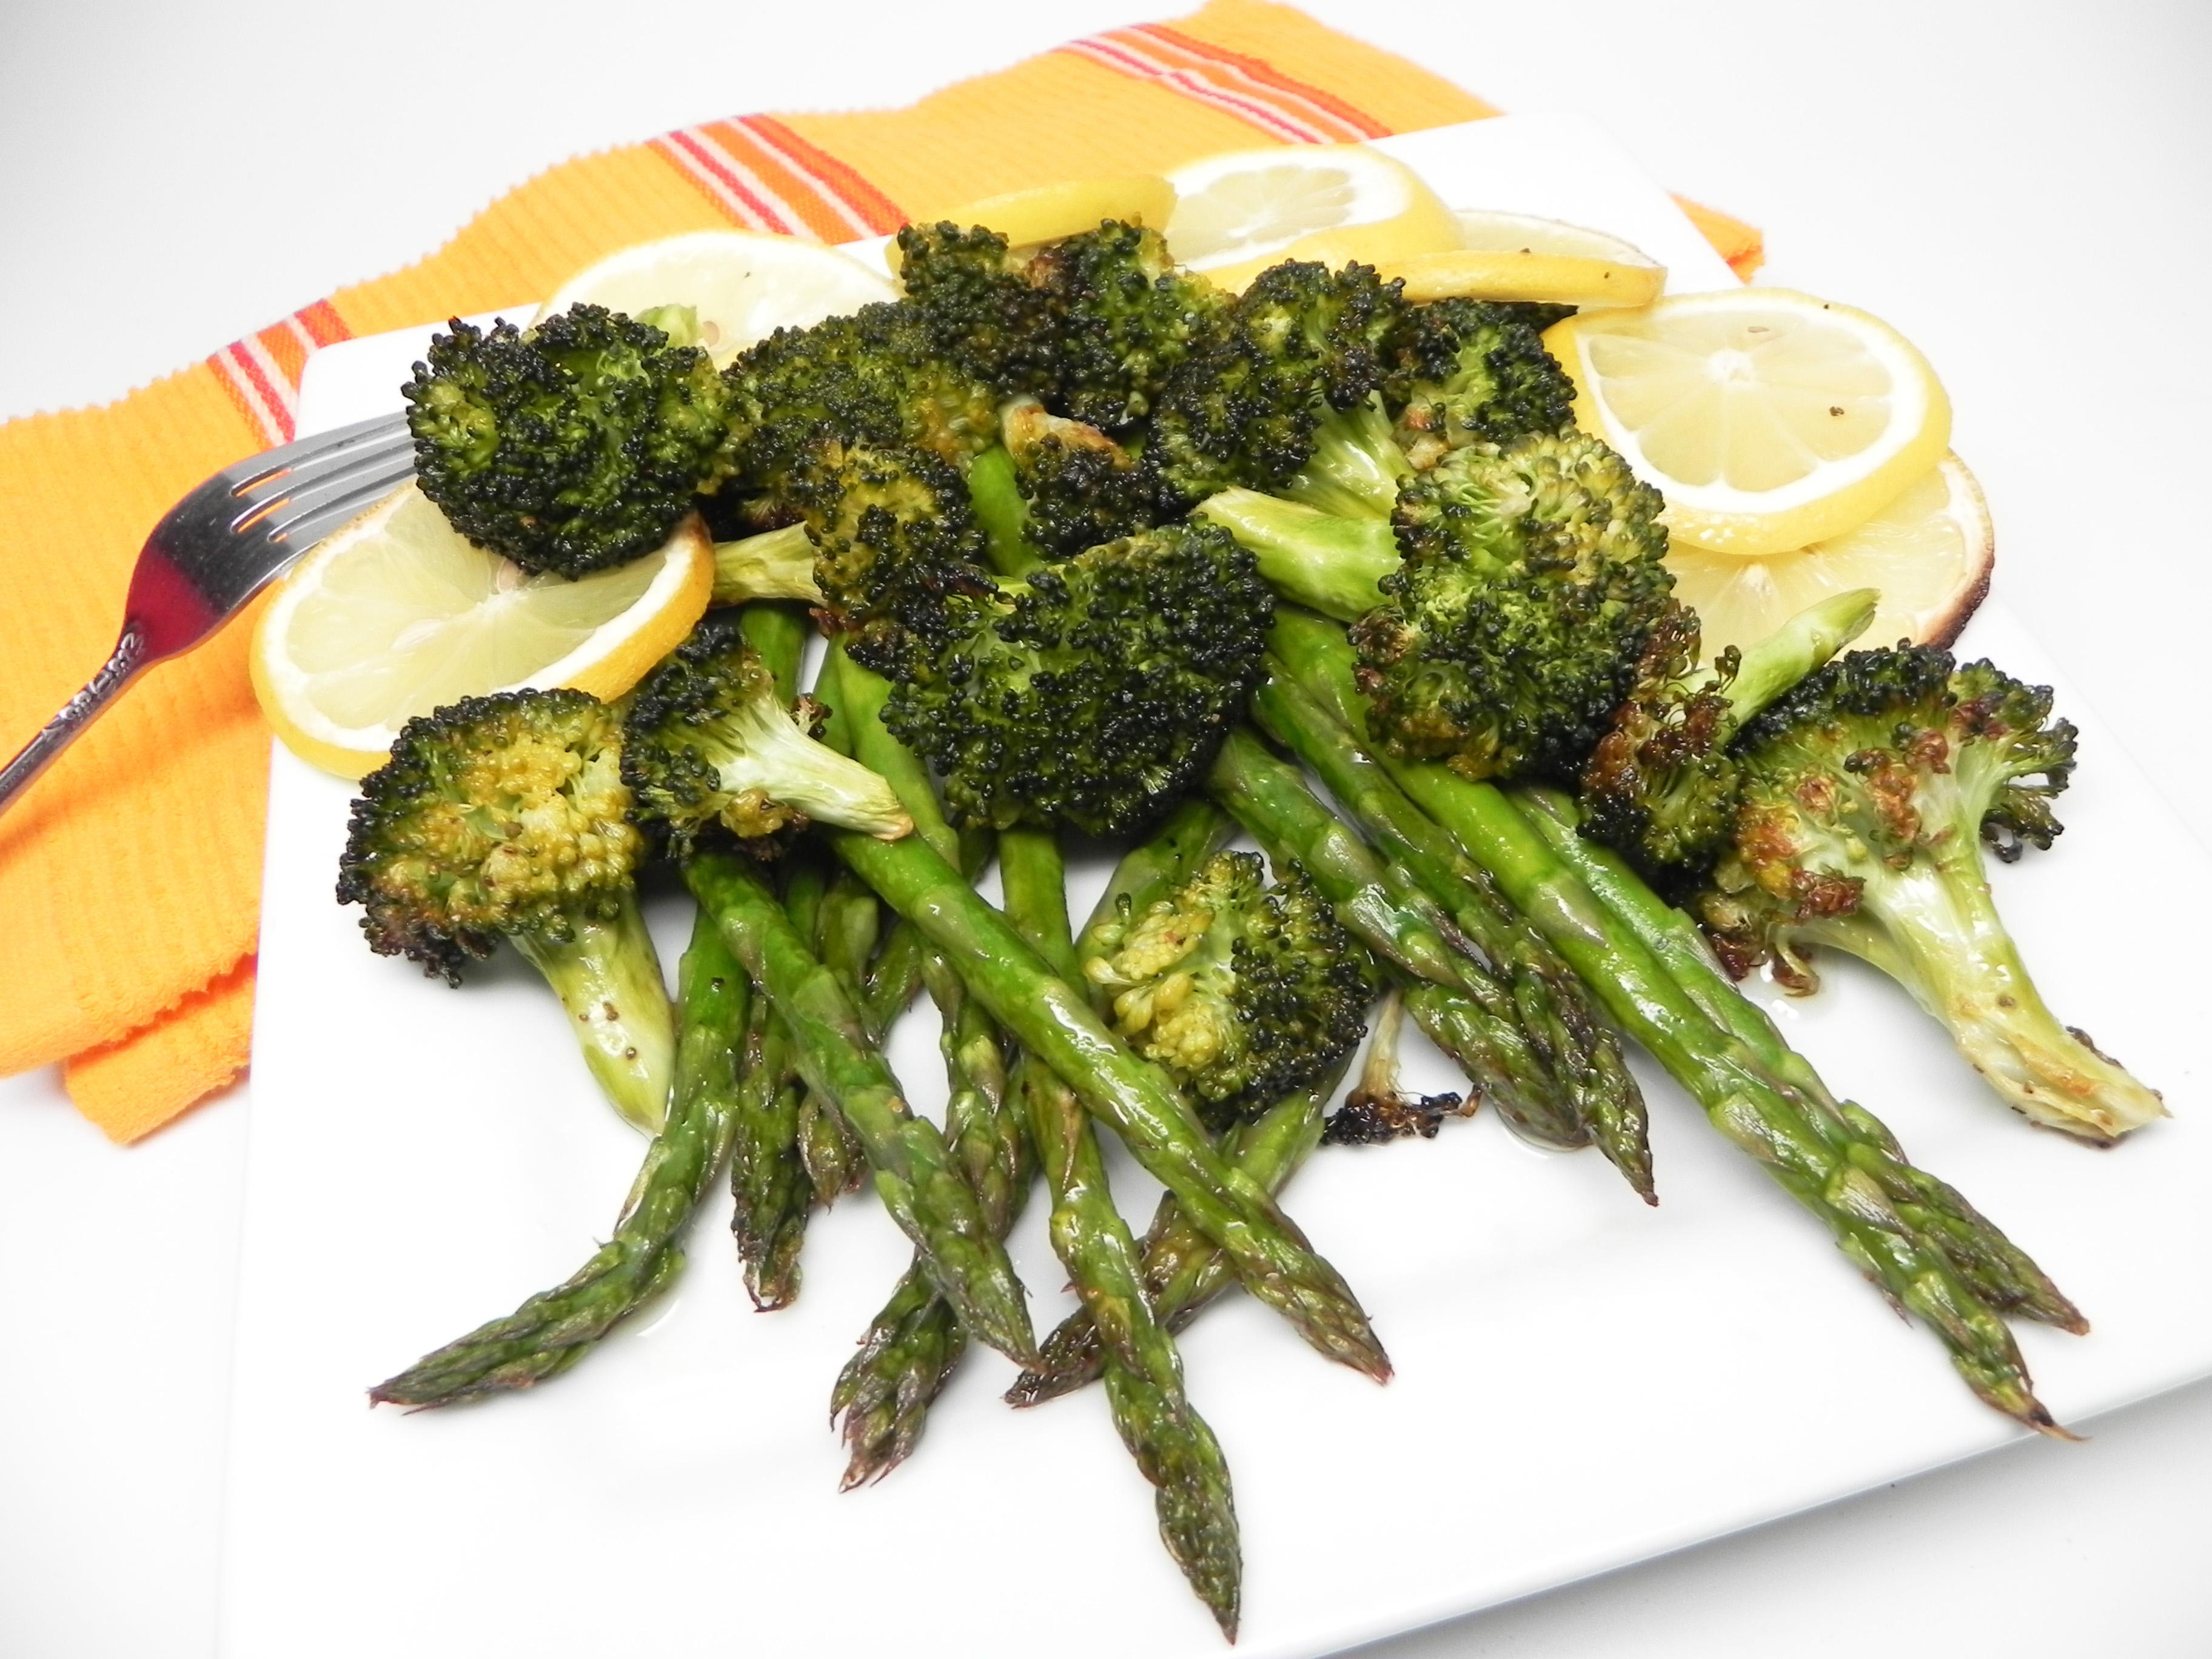 Lemon-Roasted Broccoli and Asparagus